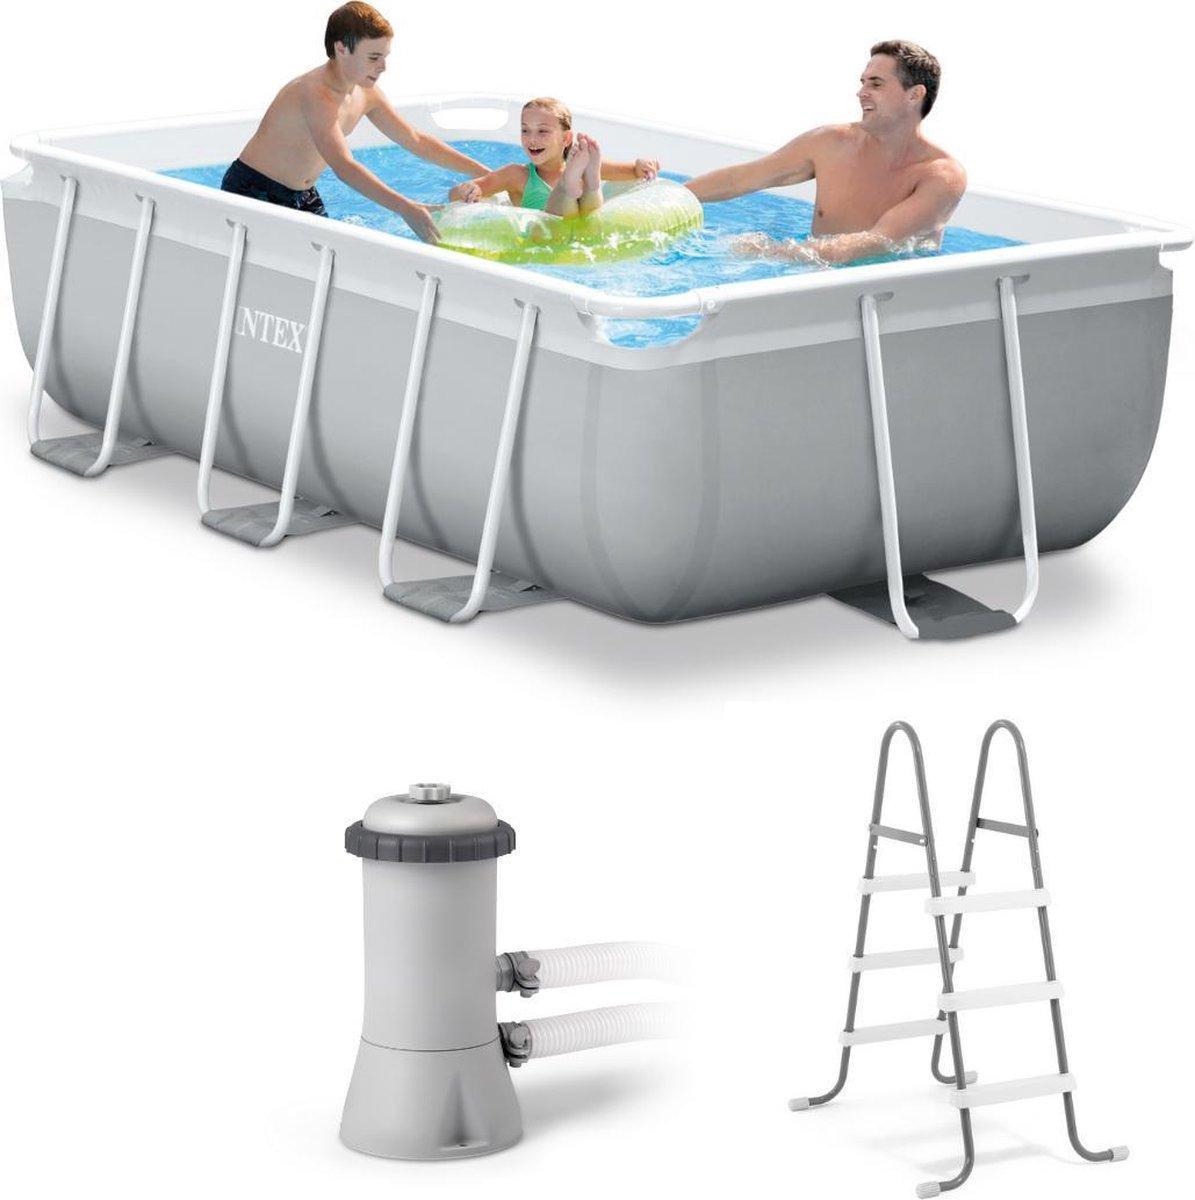 Intex Opzetzwembad - Prism Frame - 300 X 175 X 80 Cm - Met accessoires - Grijs